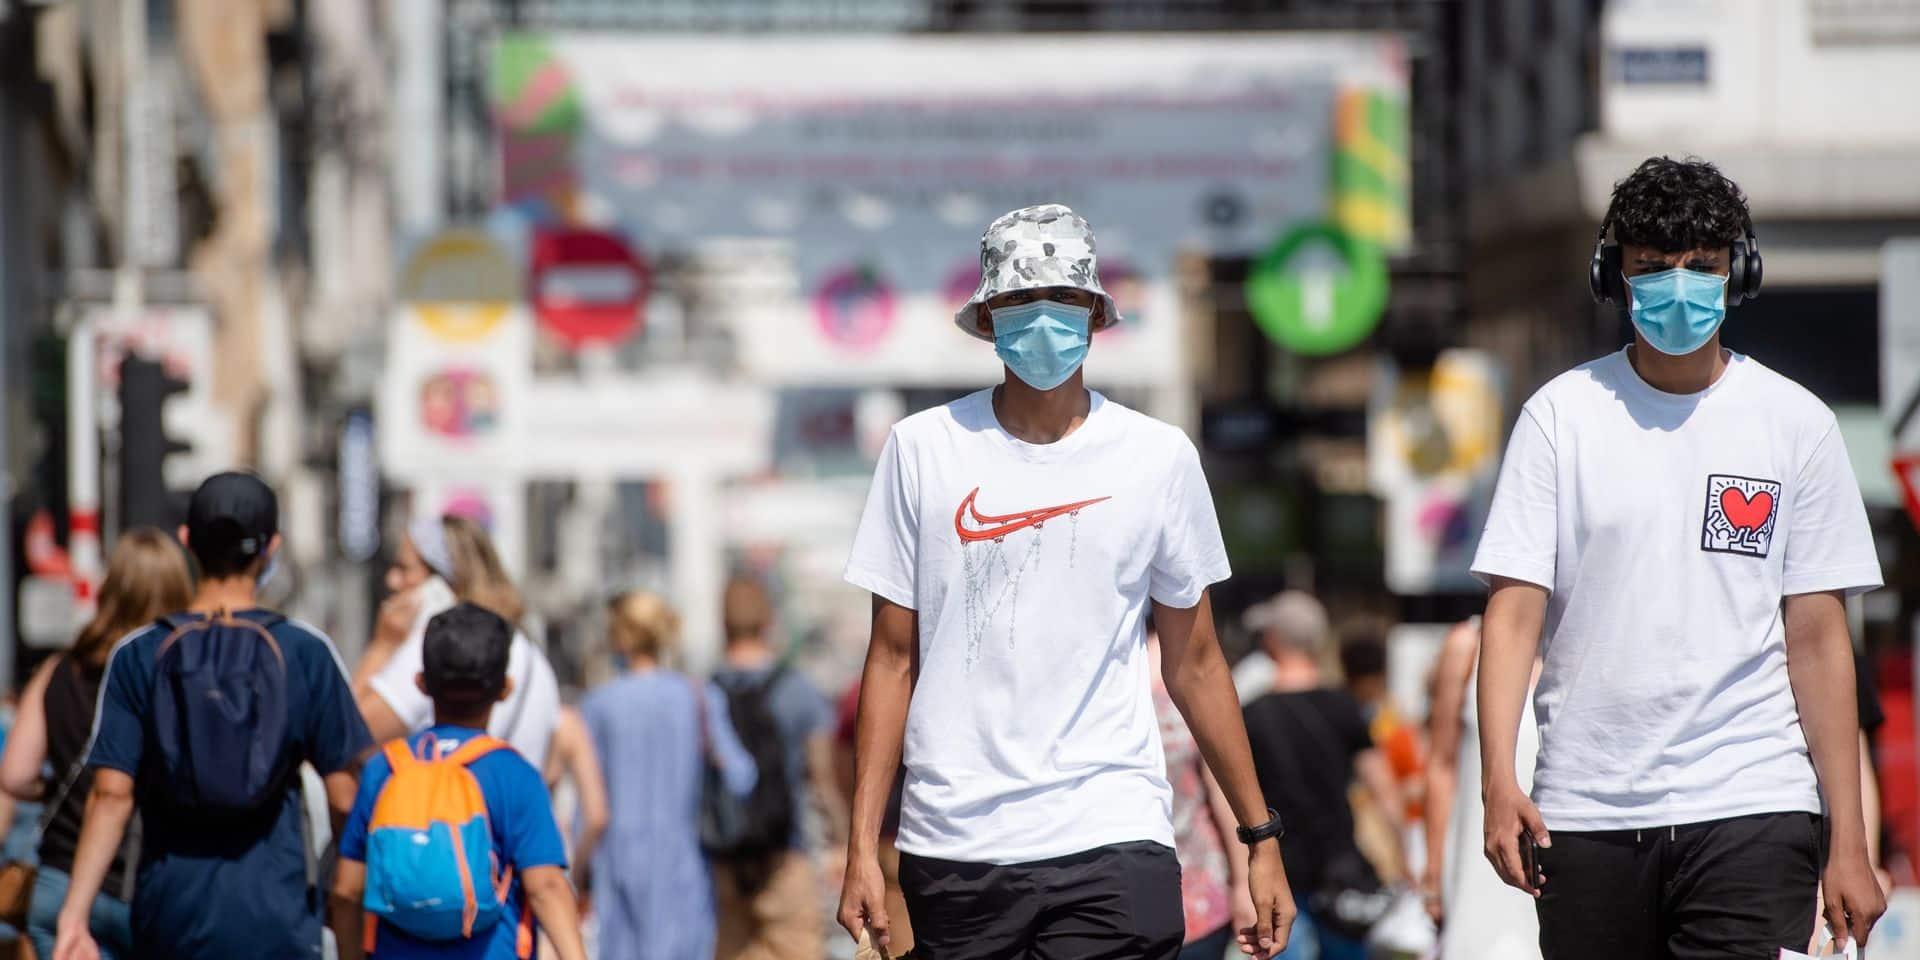 Les experts du Gems demandent au Comité de concertation de maintenir l'obligation du port du masque